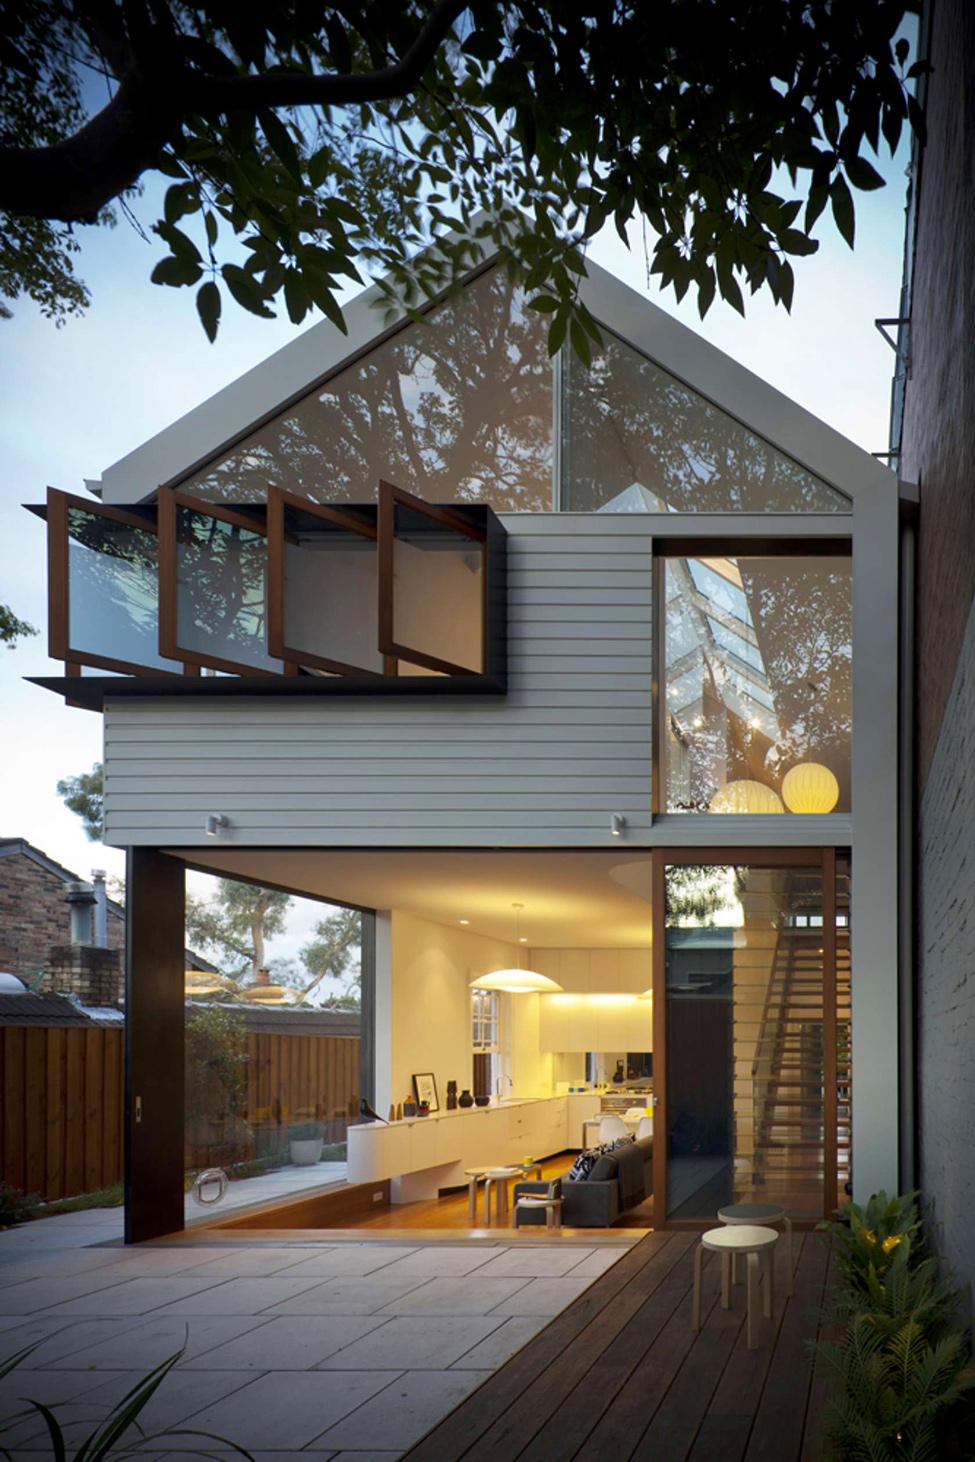 21 Stunning Modern Exterior Design Ideas: 21 Best Traditional Exterior Design Ideas